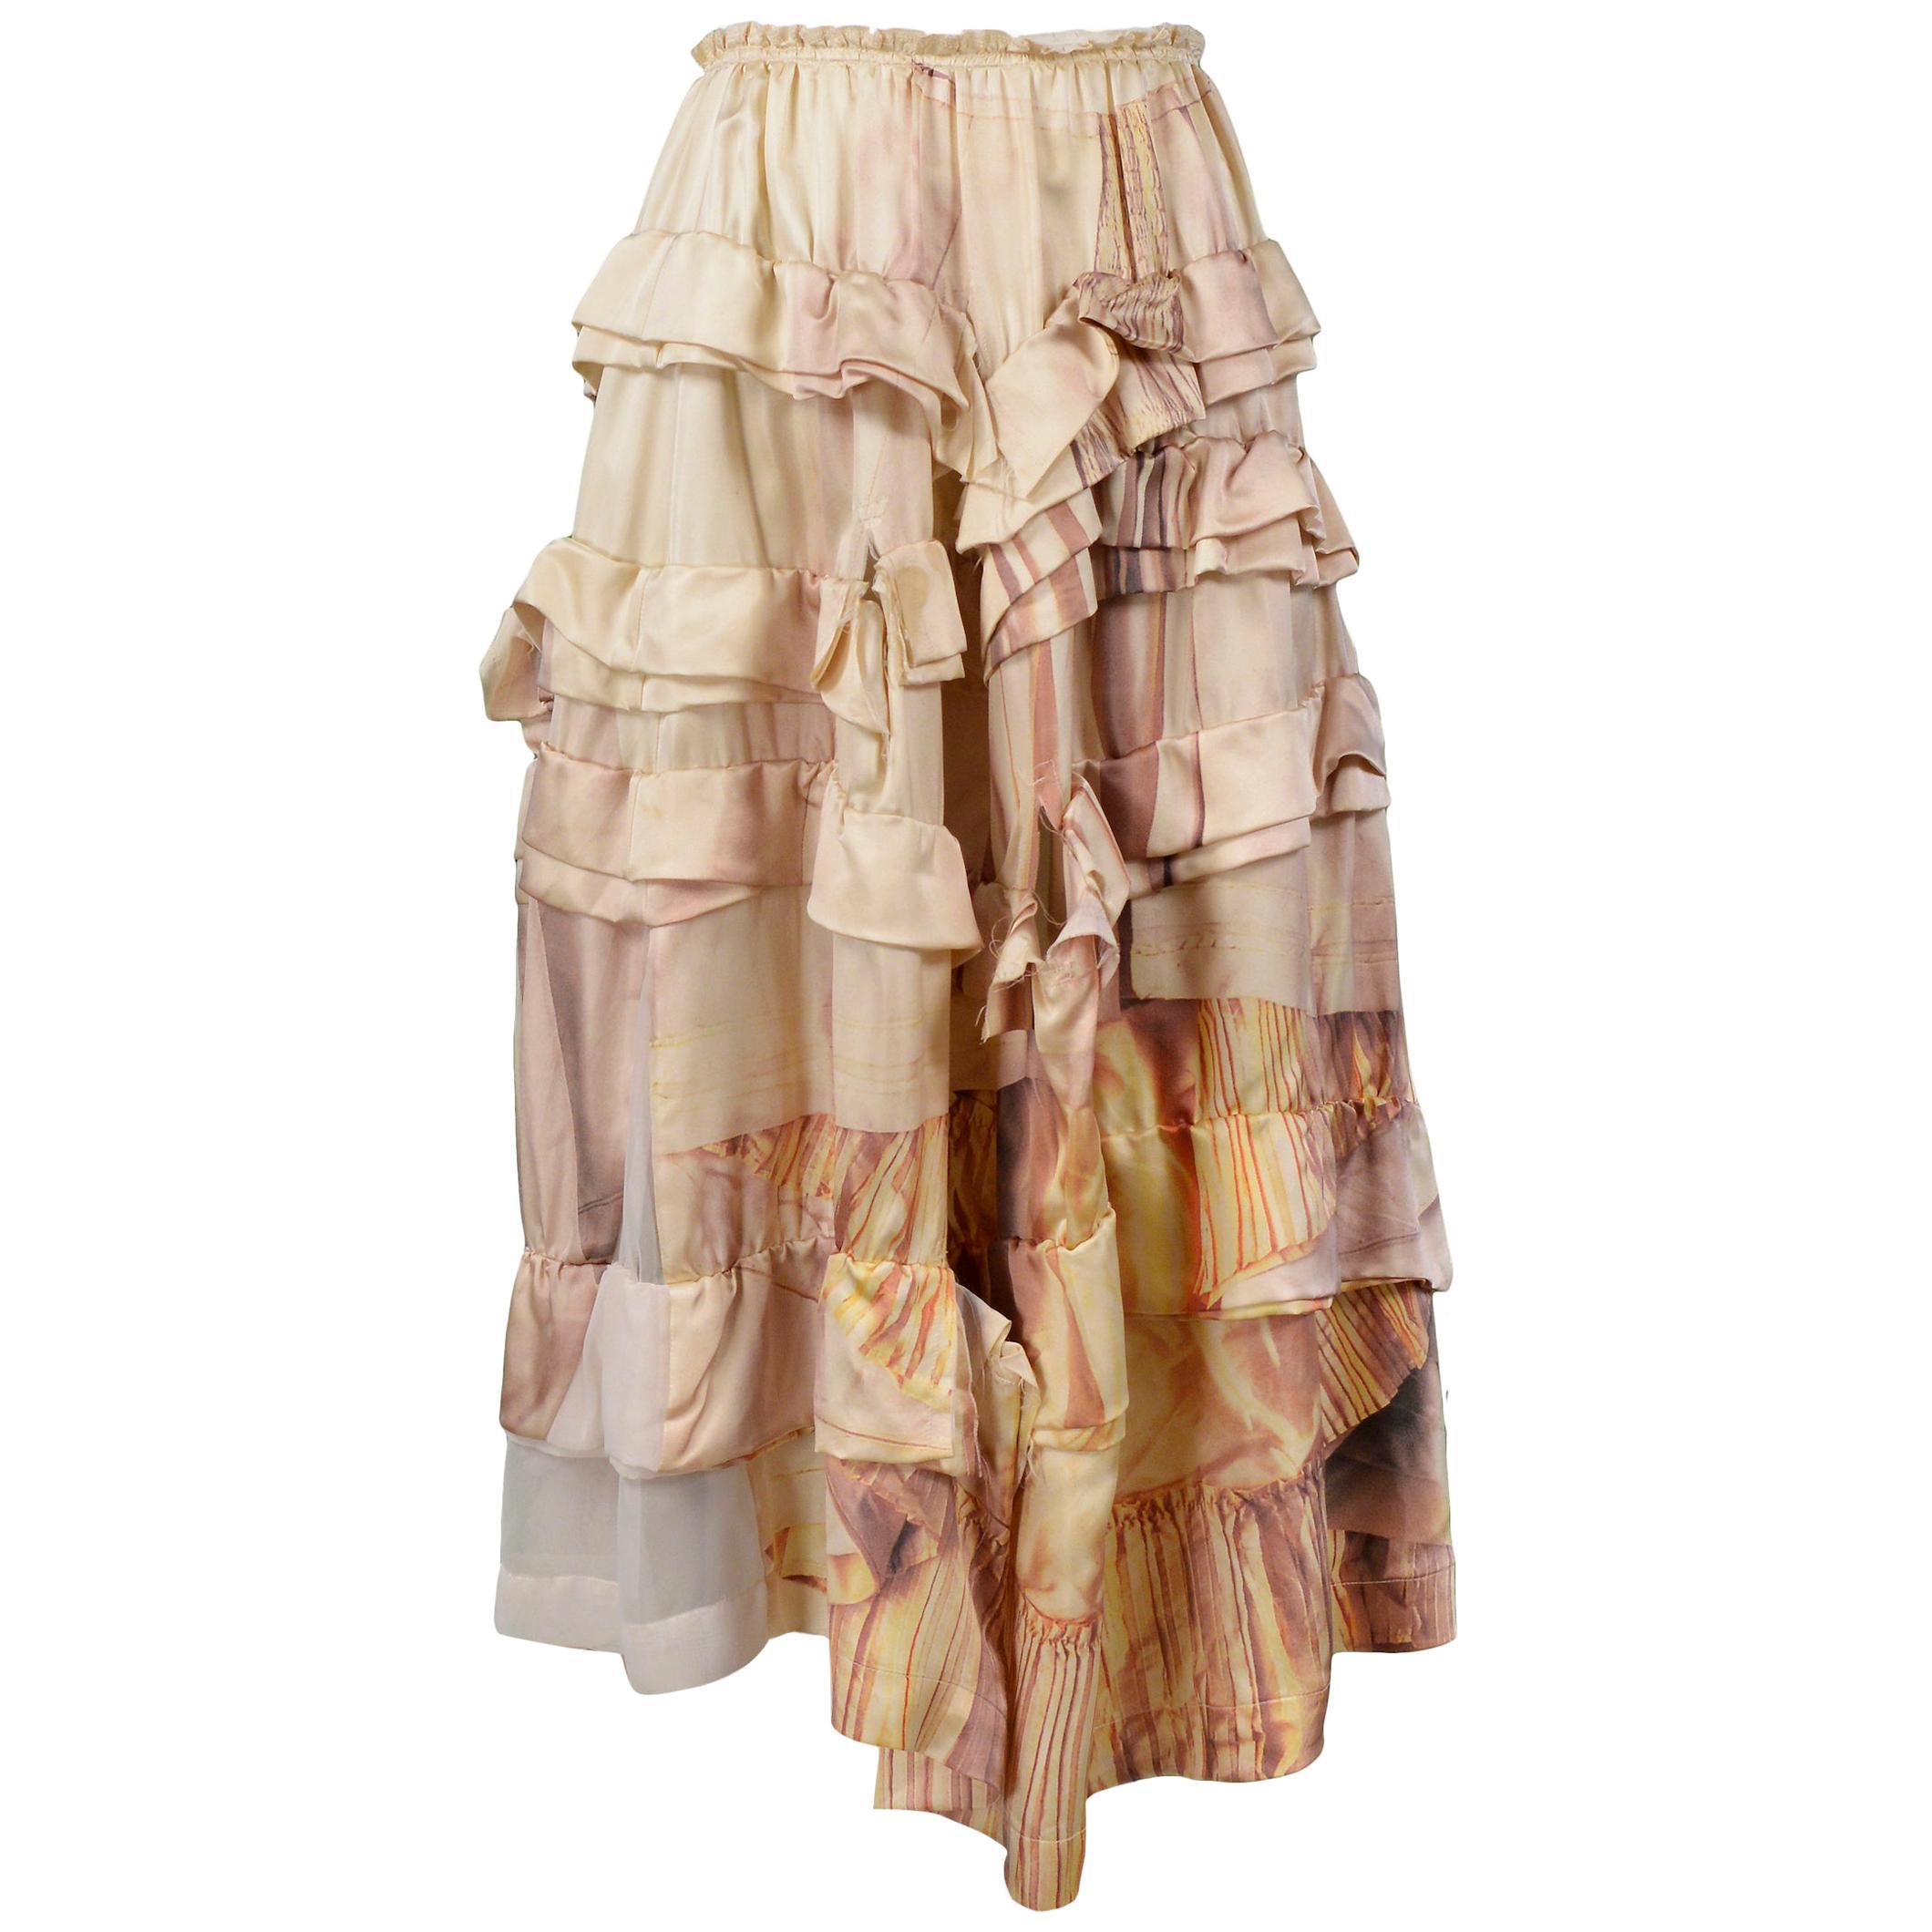 Vintage Comme des Garcons Broken Bride Ivory Tiered Skirt 2005